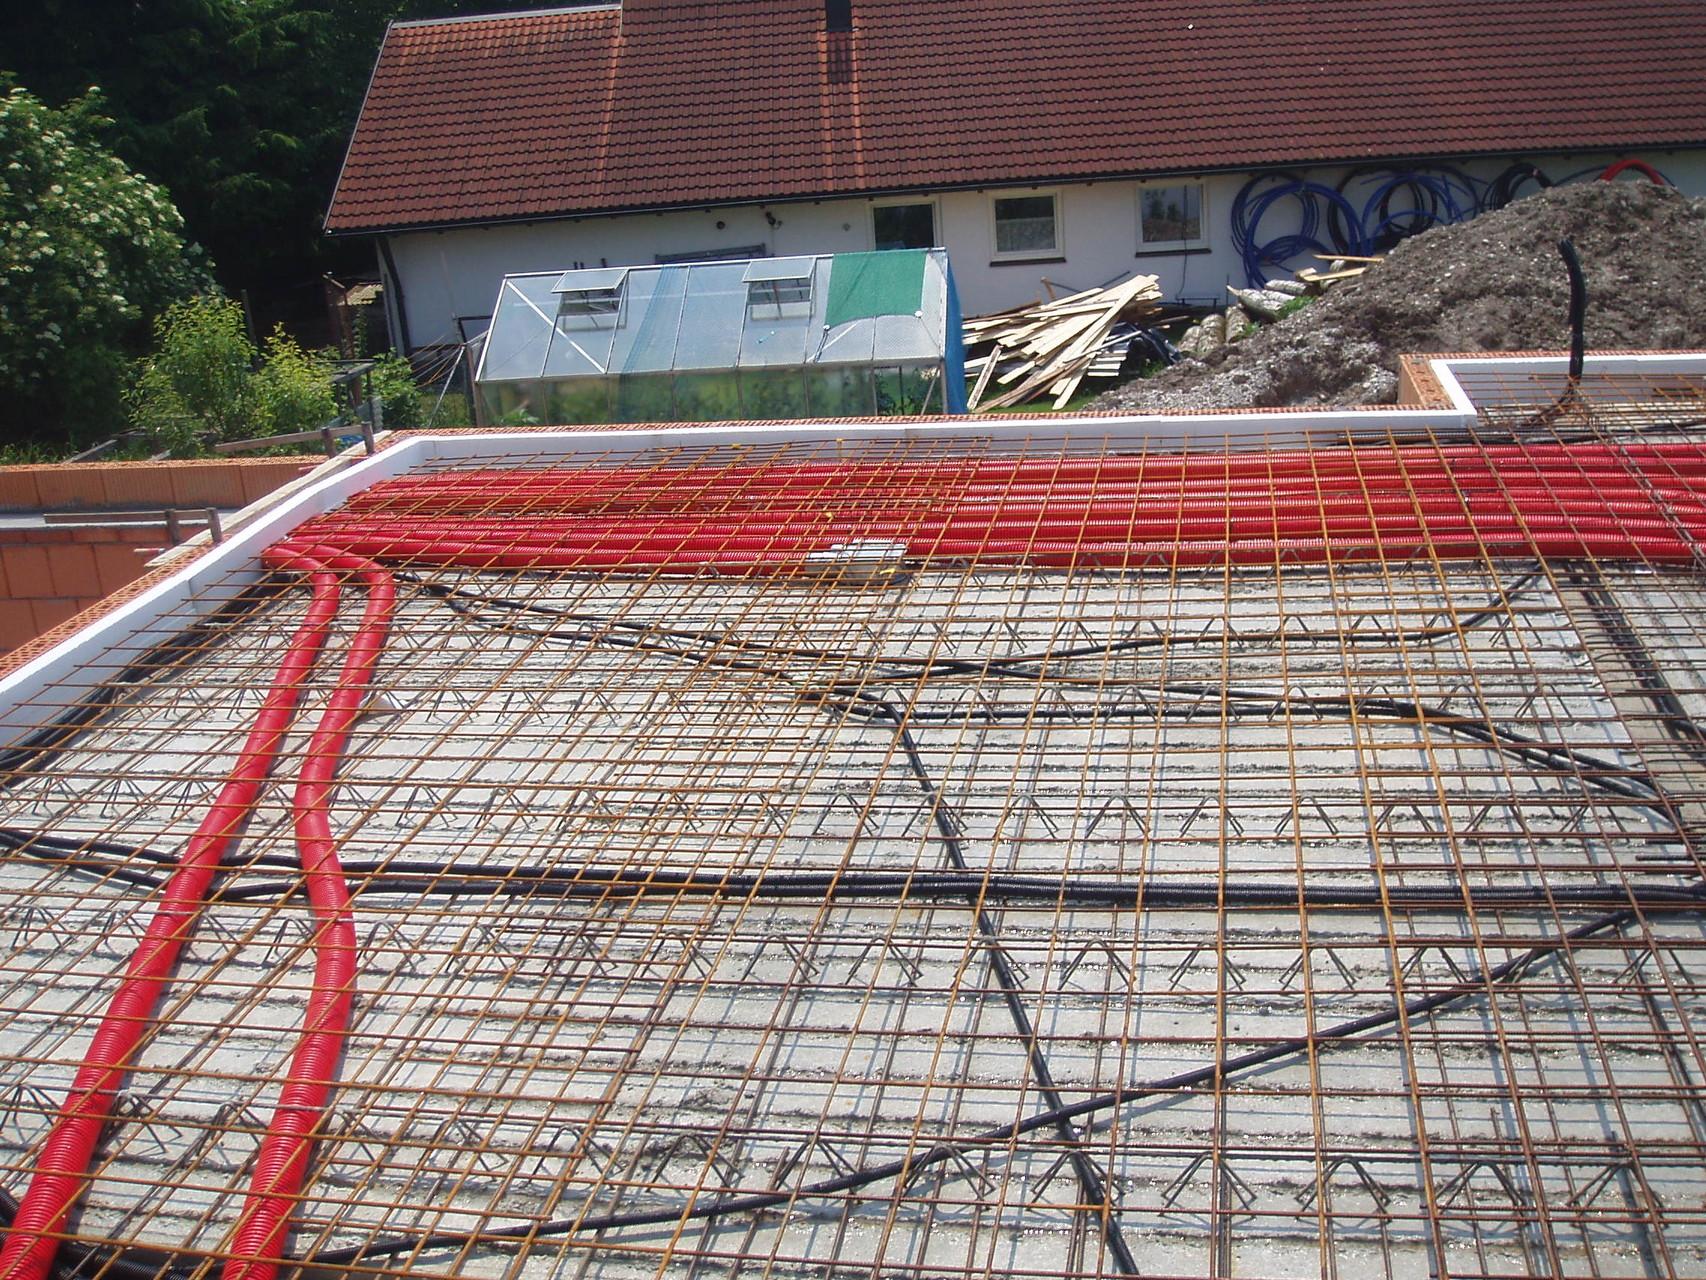 Verlegung von Lüftungsrohren für die Kontrollierte Wohnraumlüftung in einem Einfamilienhaus.